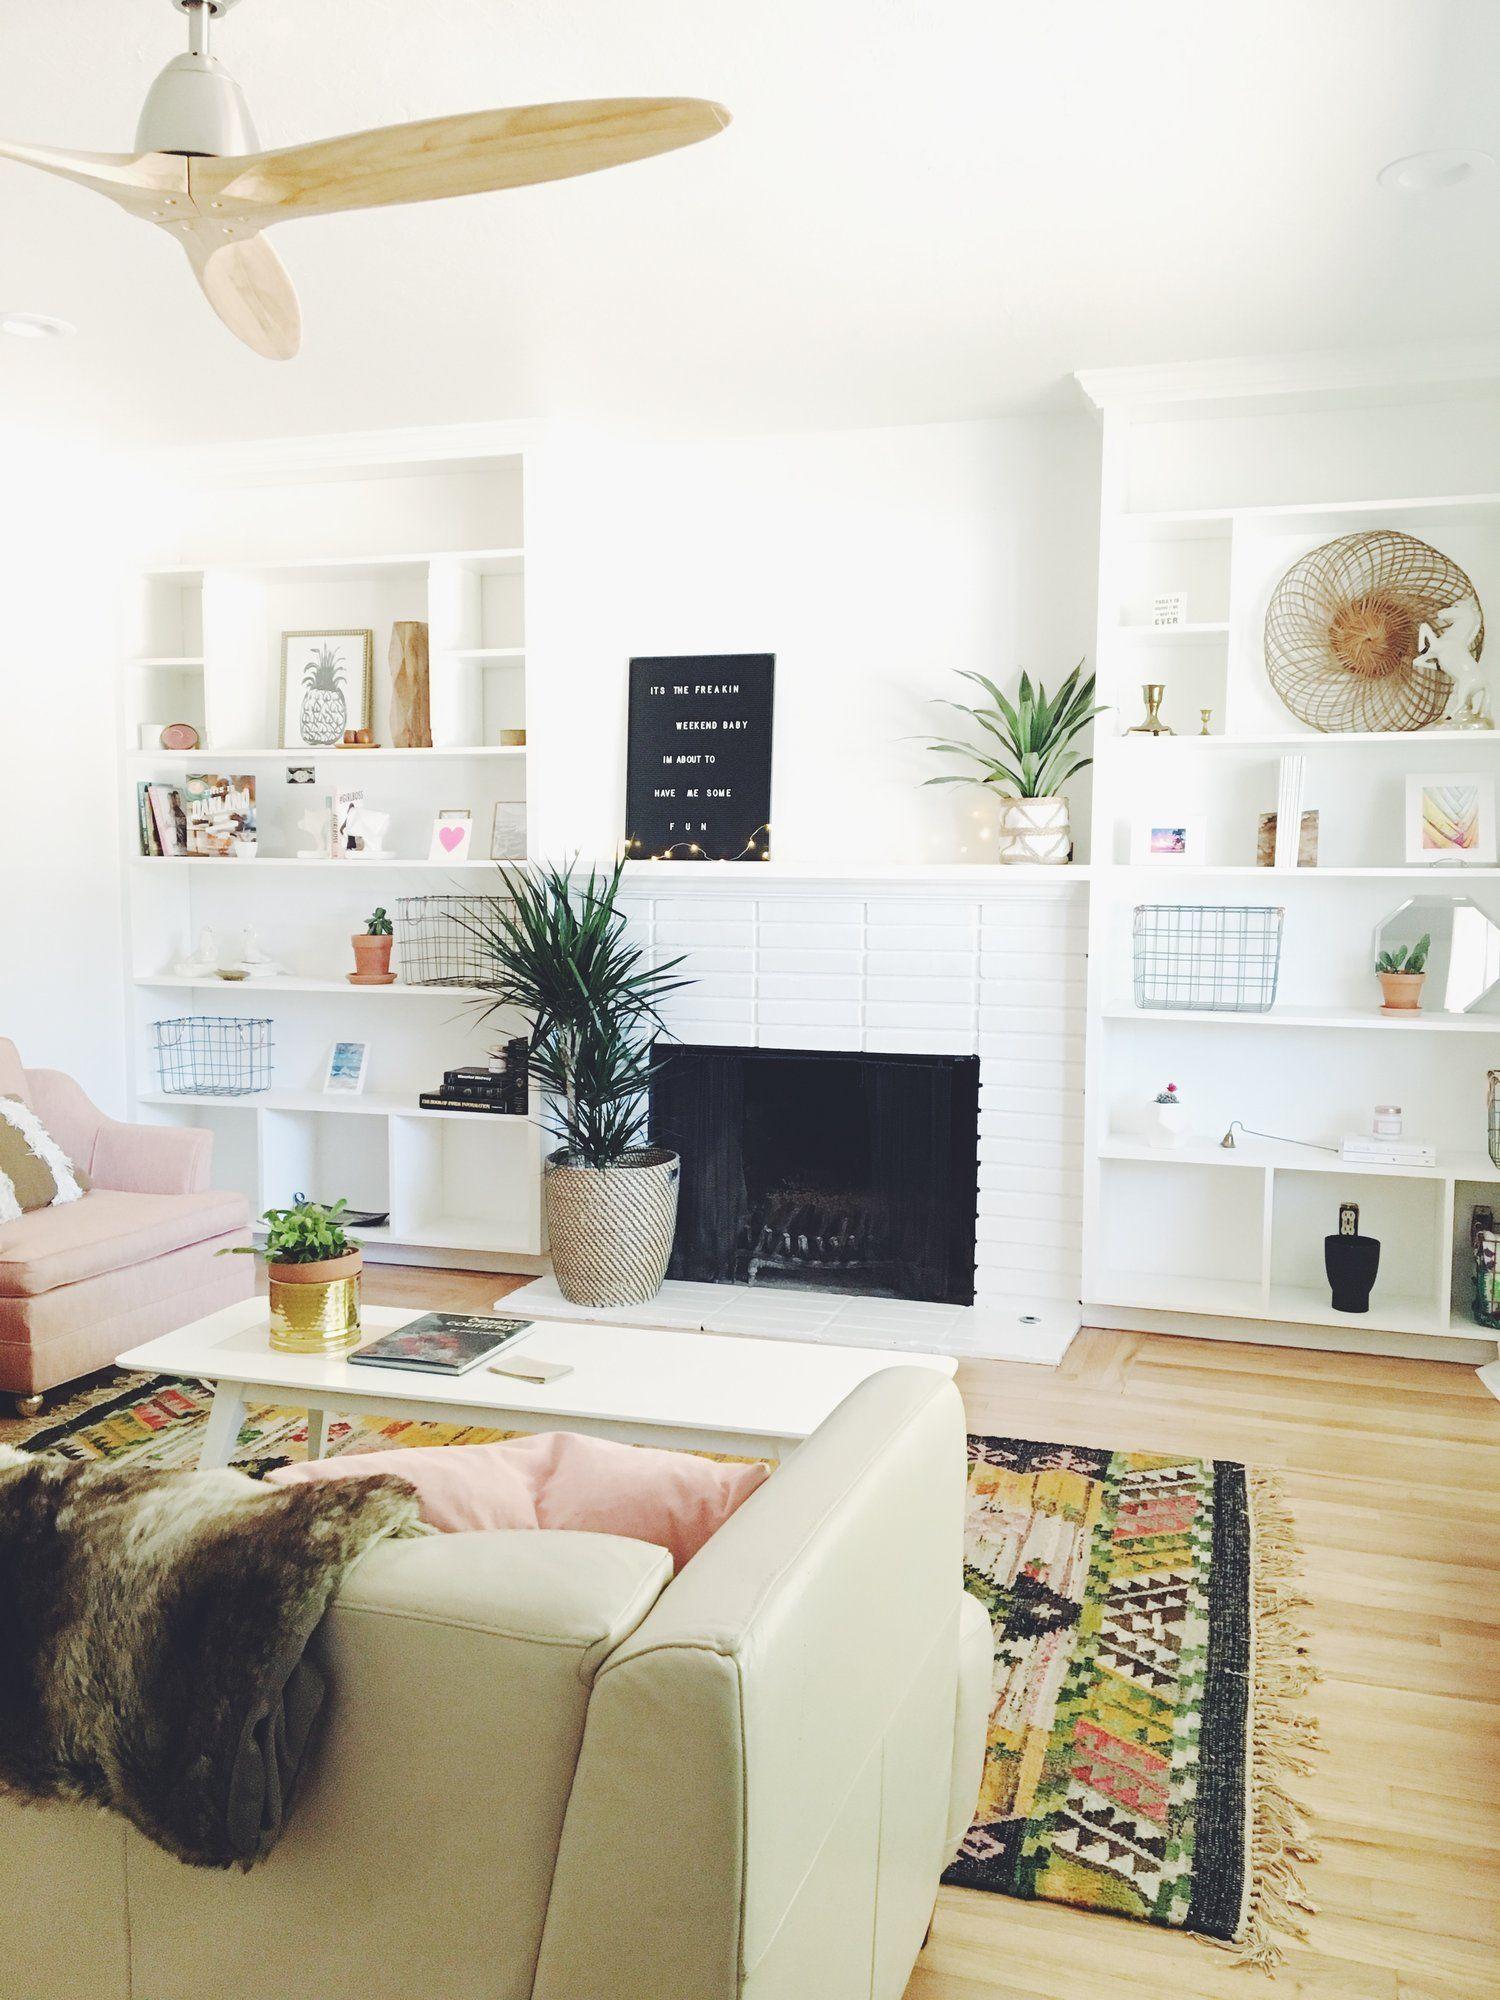 Boho chic living room in a California Air BnB. White Built-ins ...